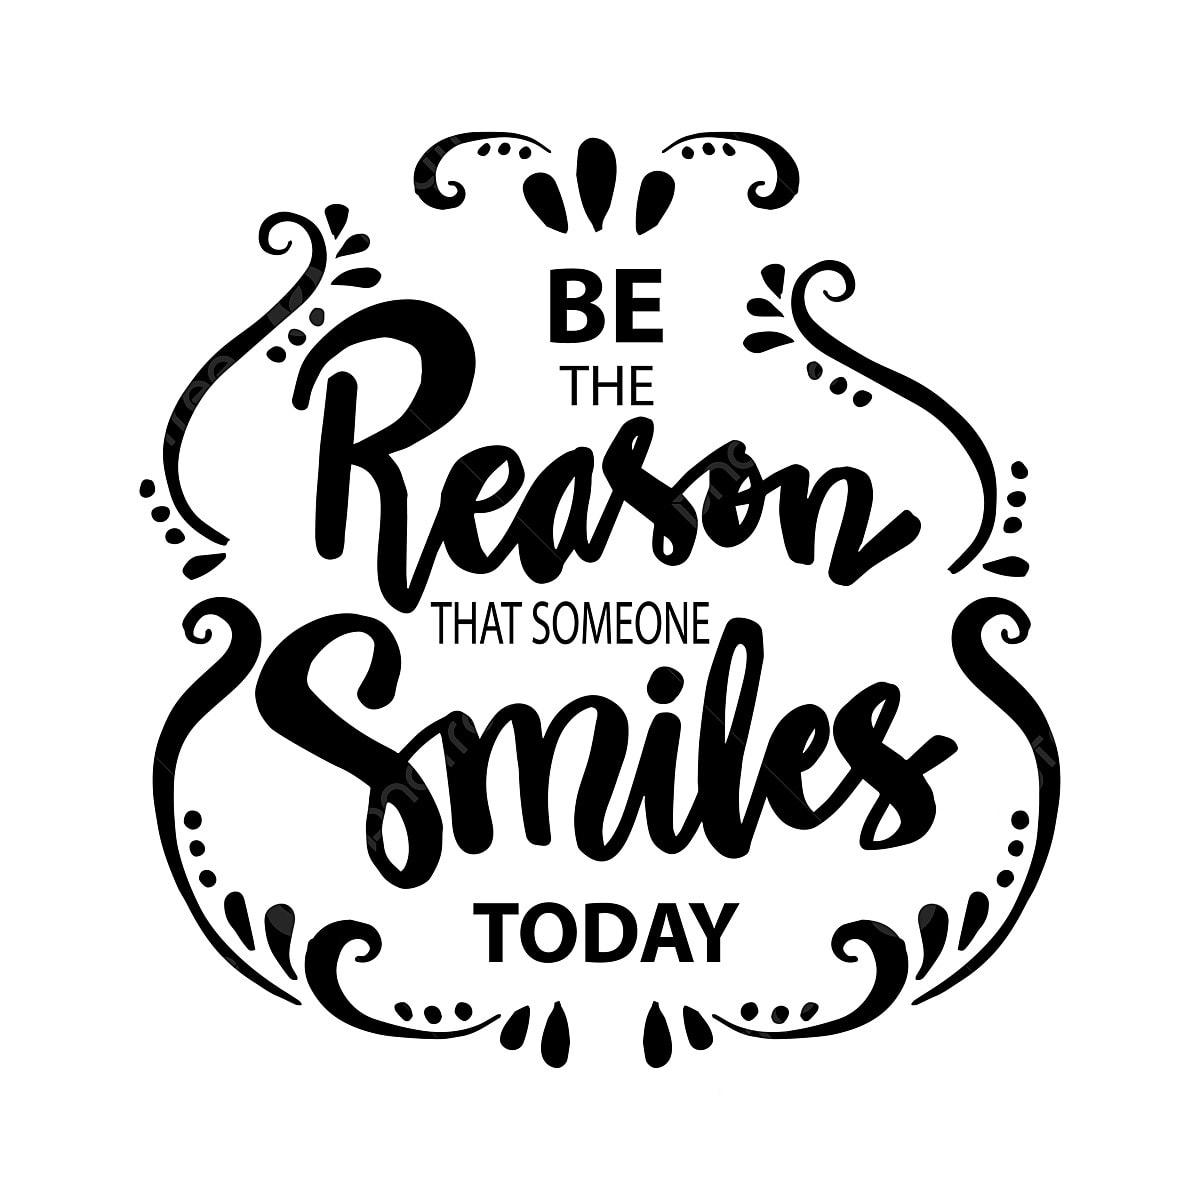 Menjadi Sebab Seseorang Senyum Hari Ini Quote Motivasi Seni